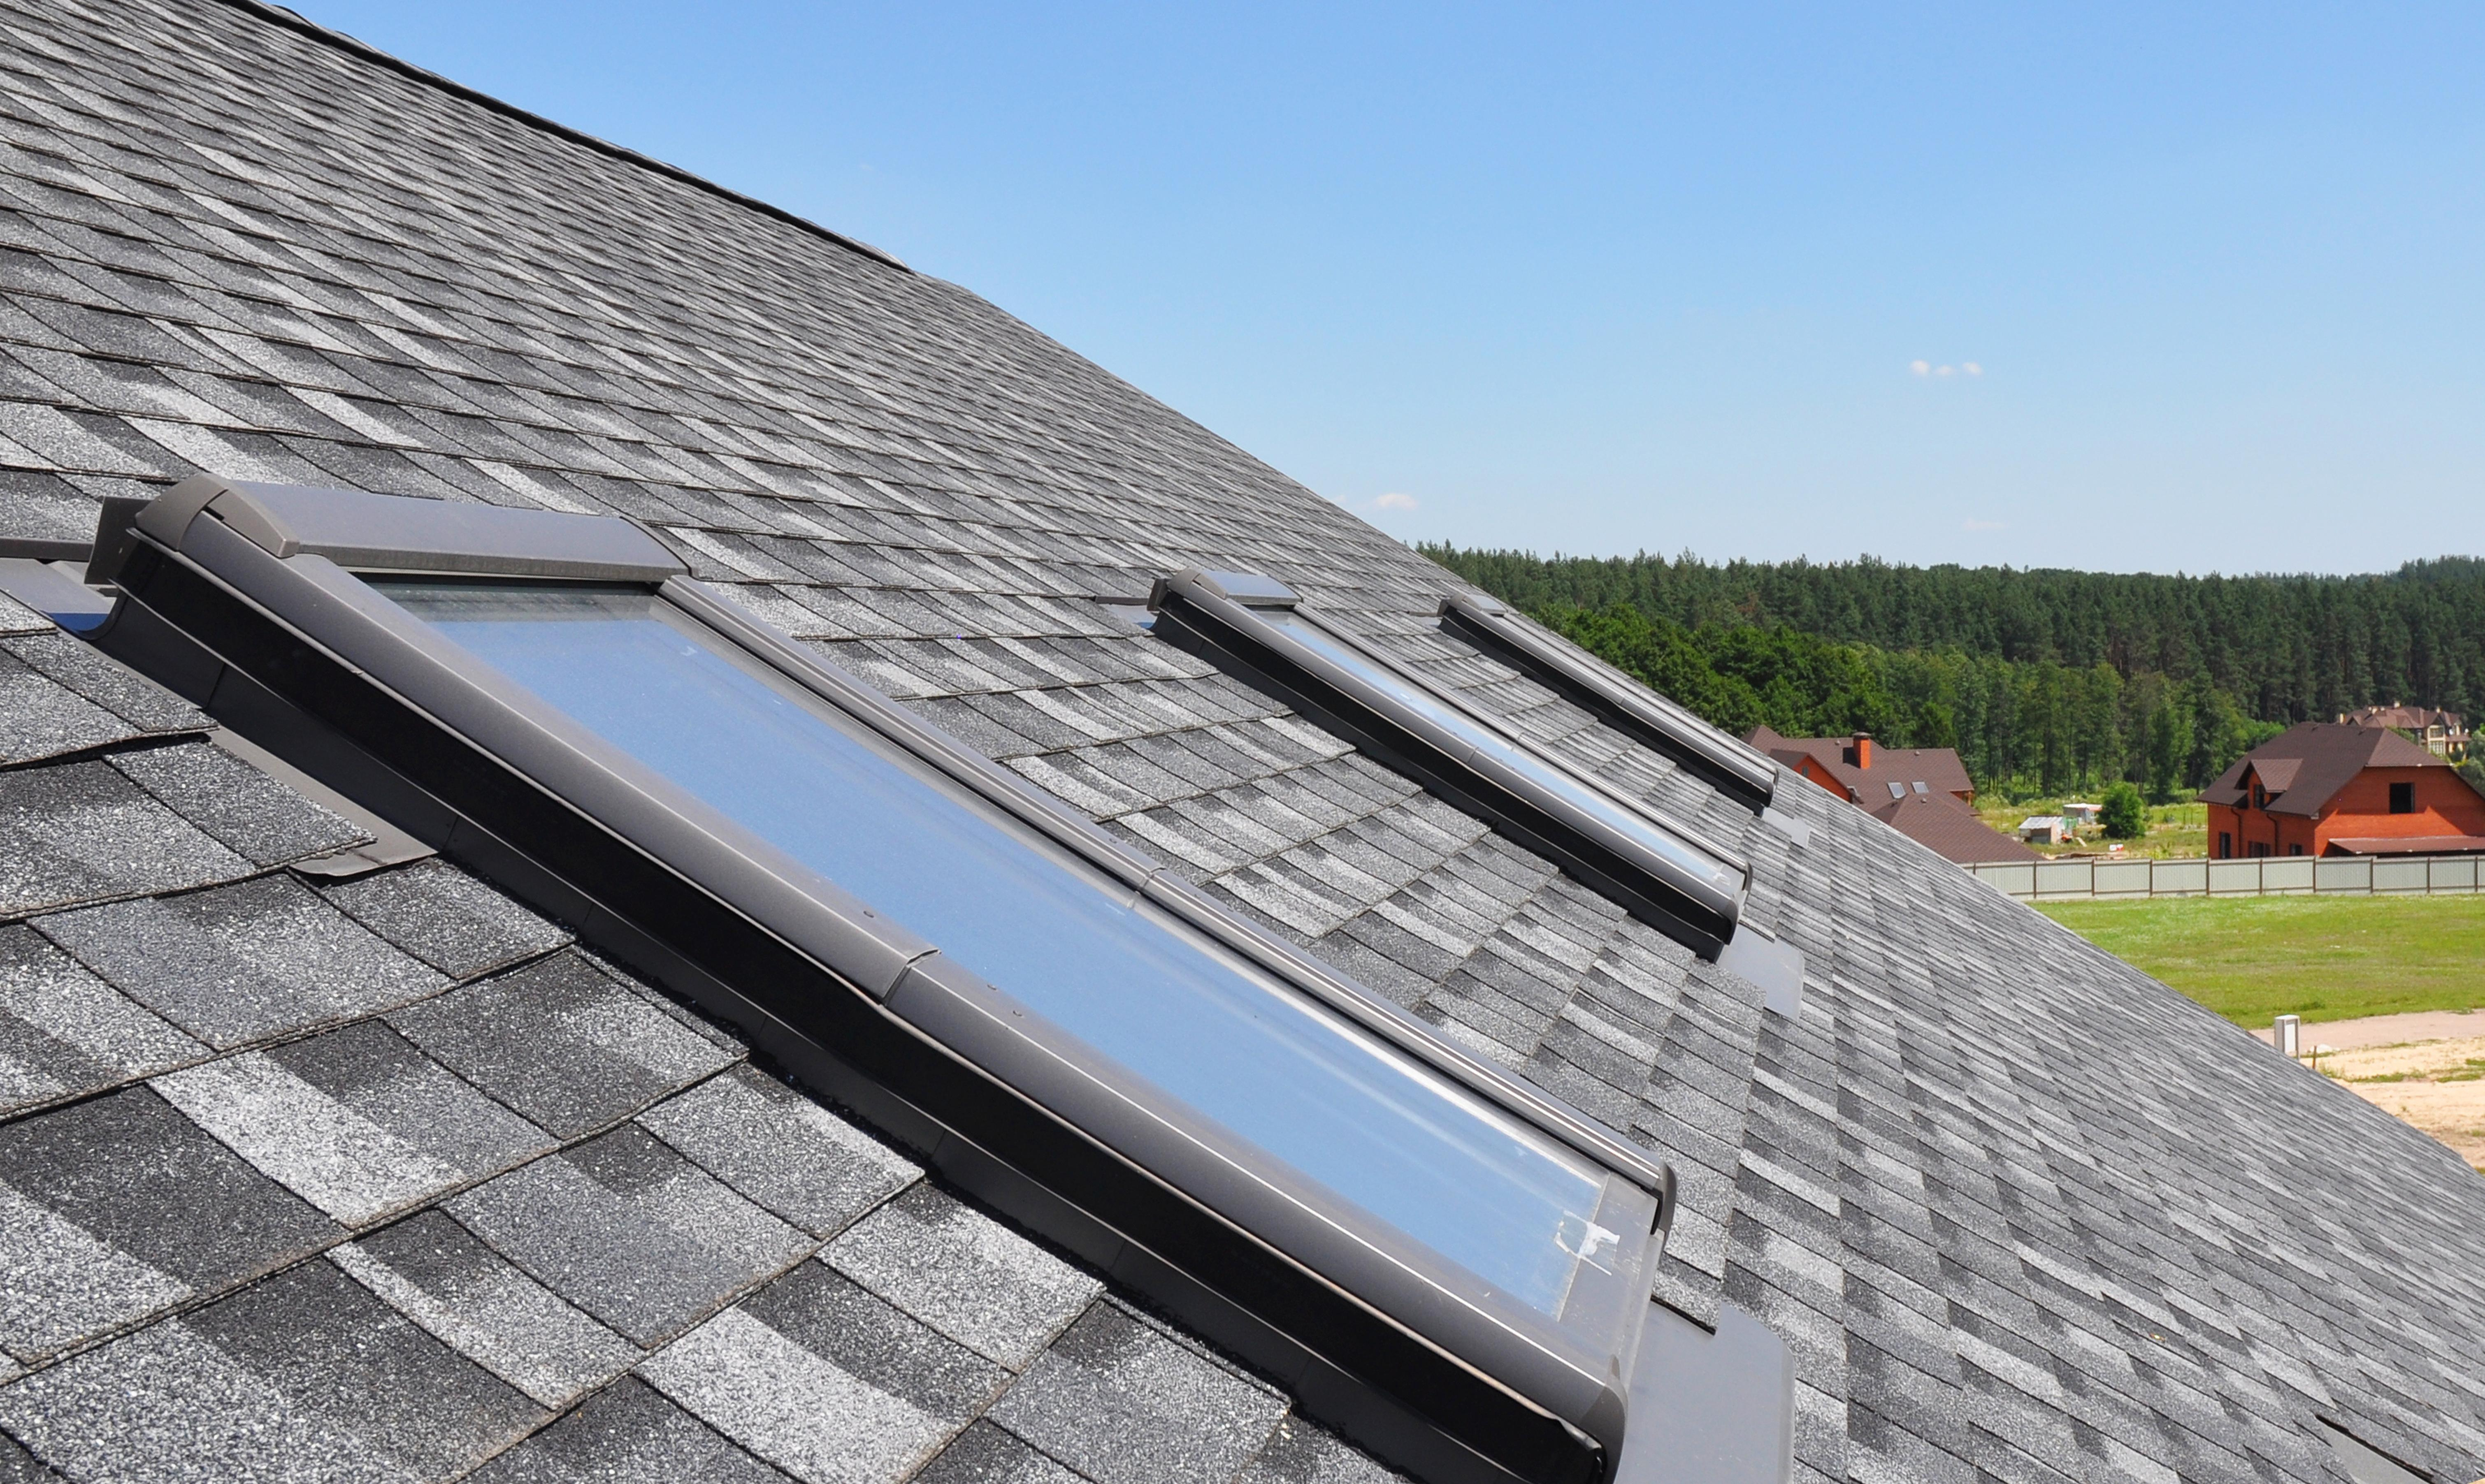 Skylight Installation in Greater Winston-Salem